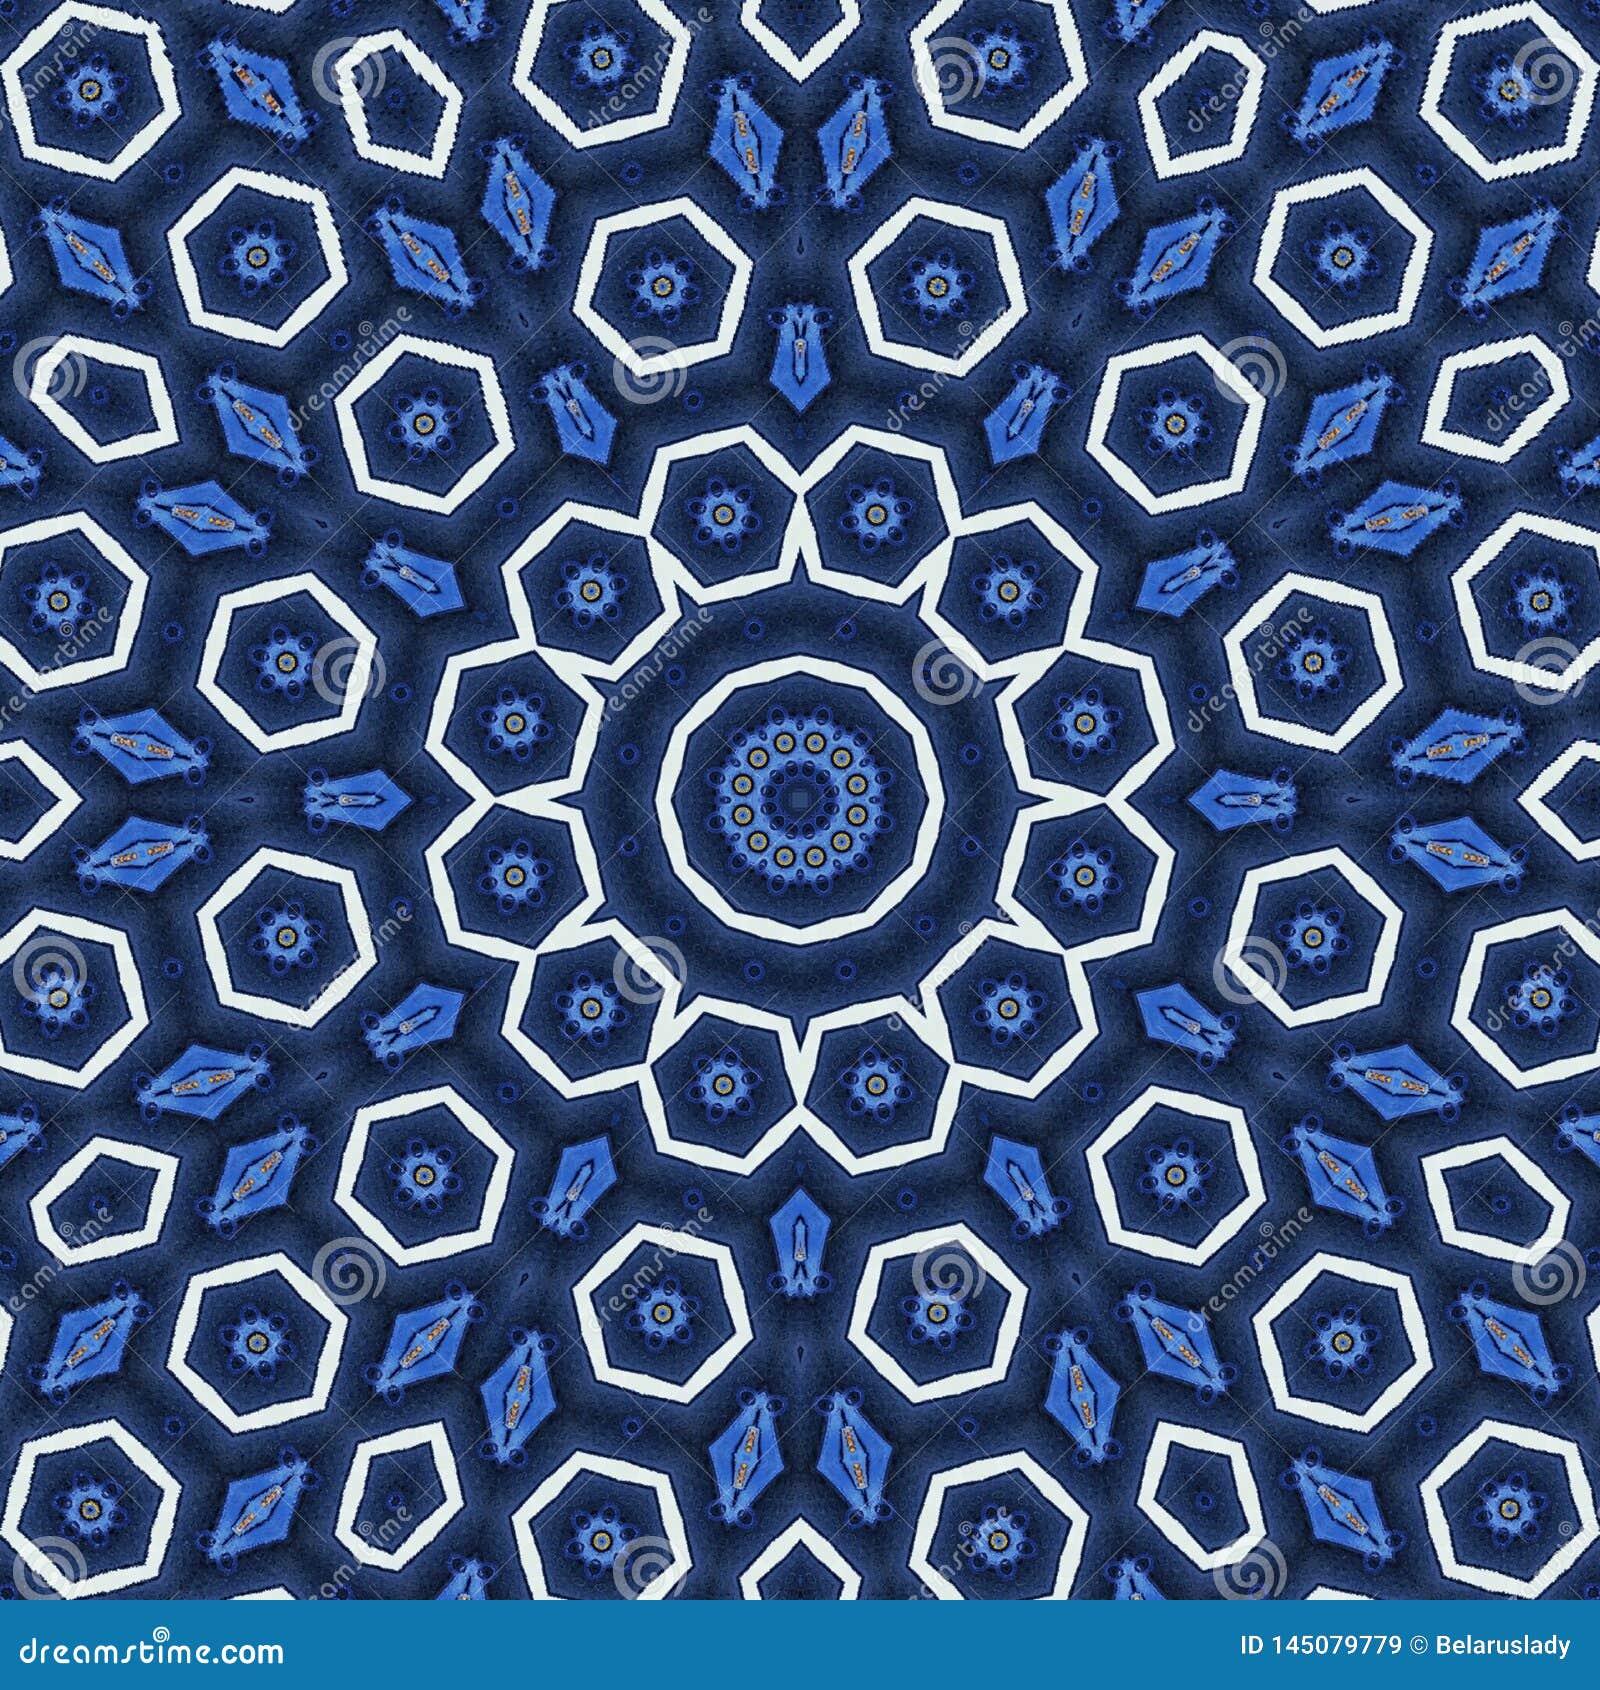 Konzept der Freiheit, Arabeskenmandalaverzierung in den blauen und weißen sechseckigen Elementen